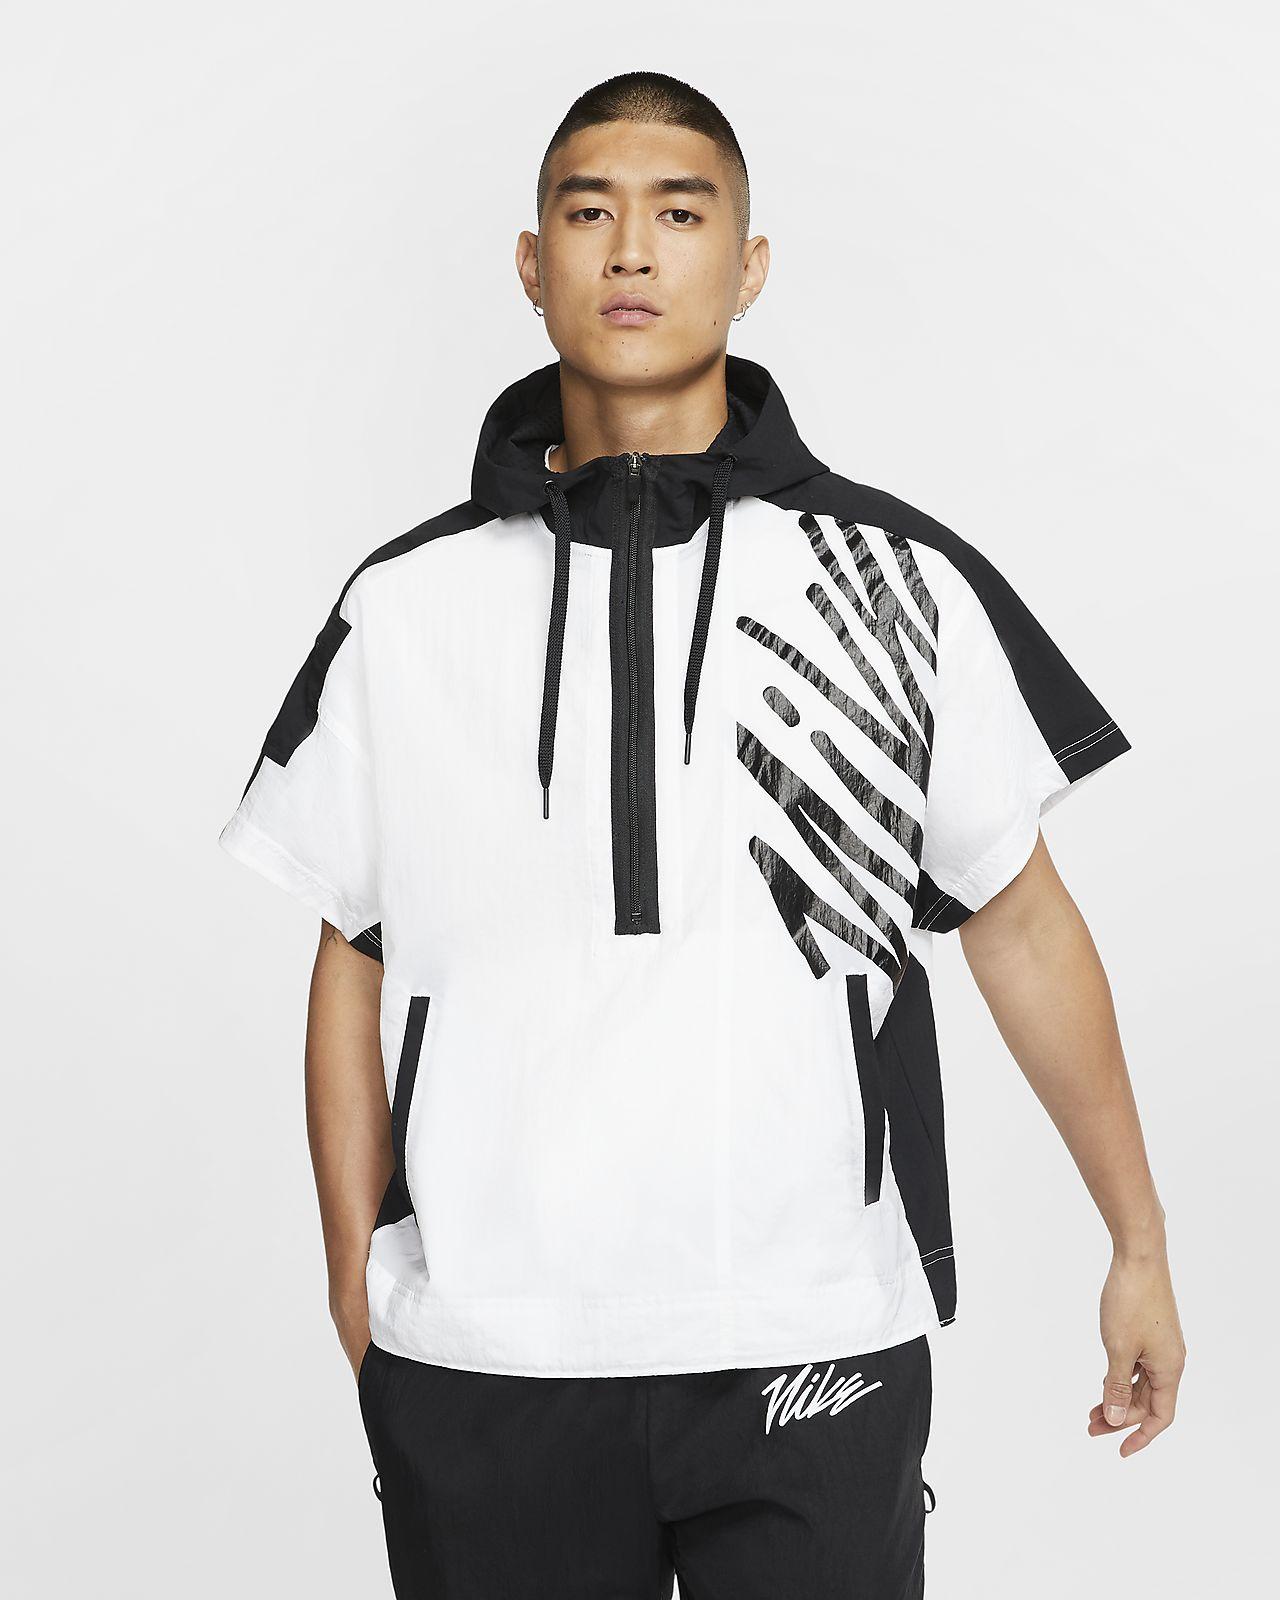 Nike 男款短袖半長式拉鍊訓練連帽上衣